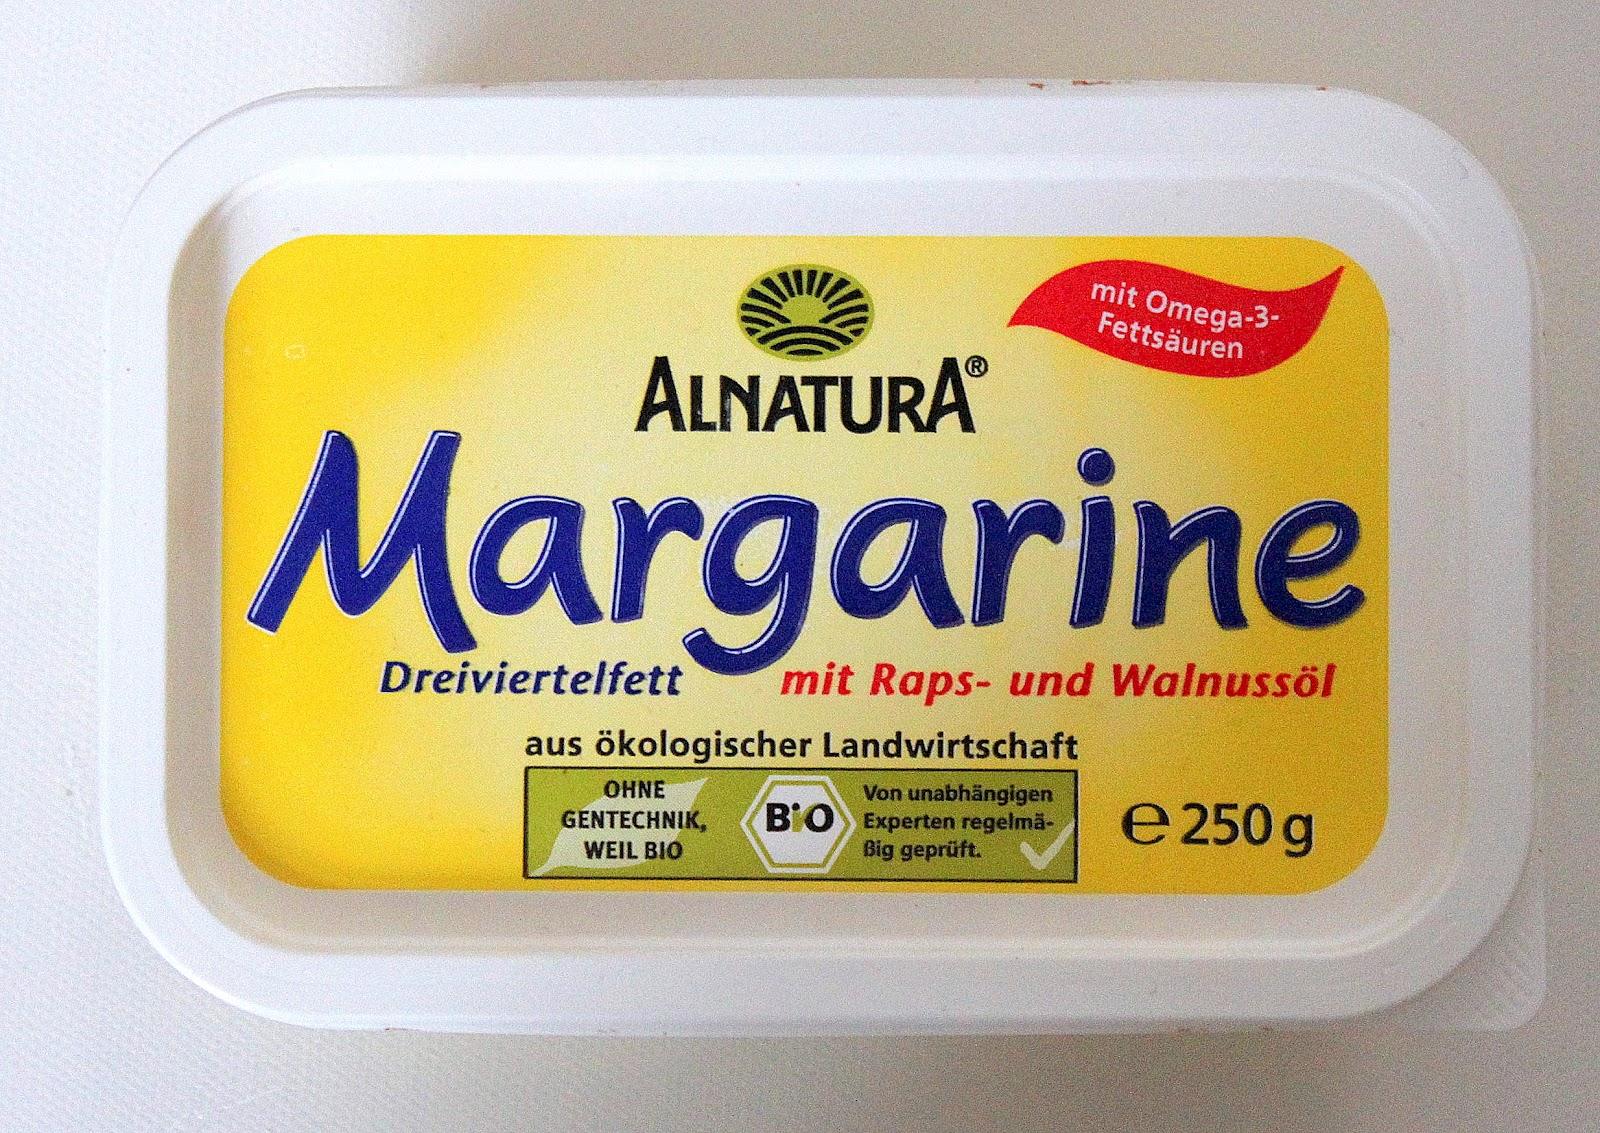 Ersatz fur sahne online and mail order pharmacies for Ersatz kuhlschrank fur pantrykuche